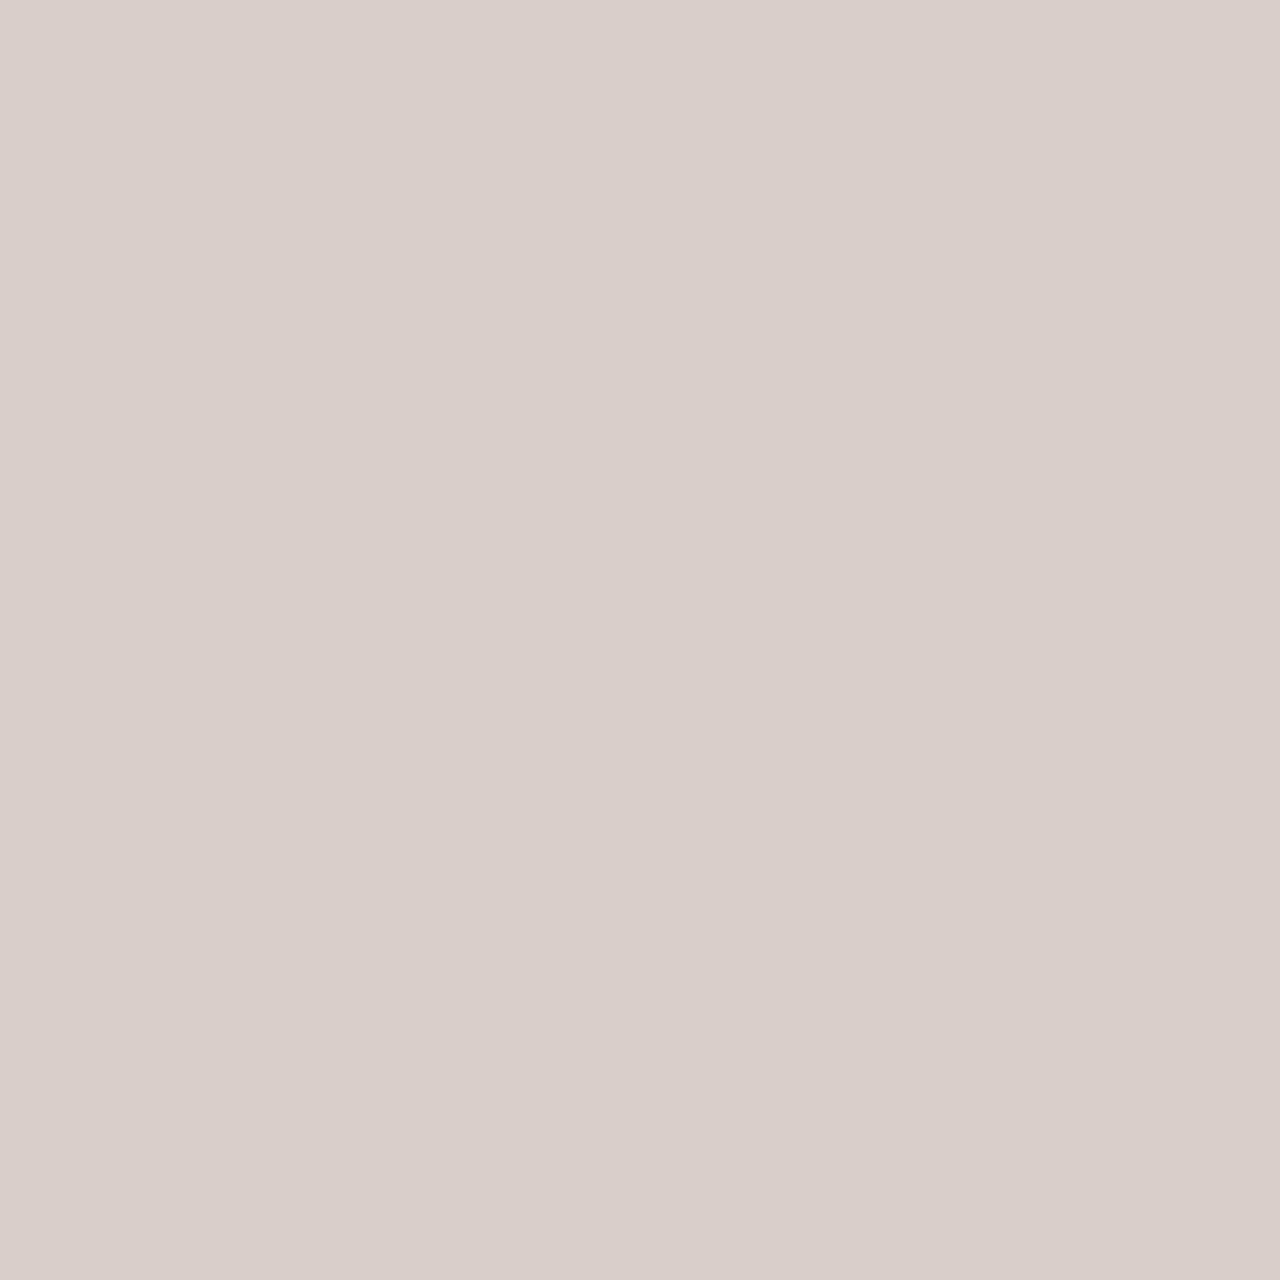 9215 Exclusiv